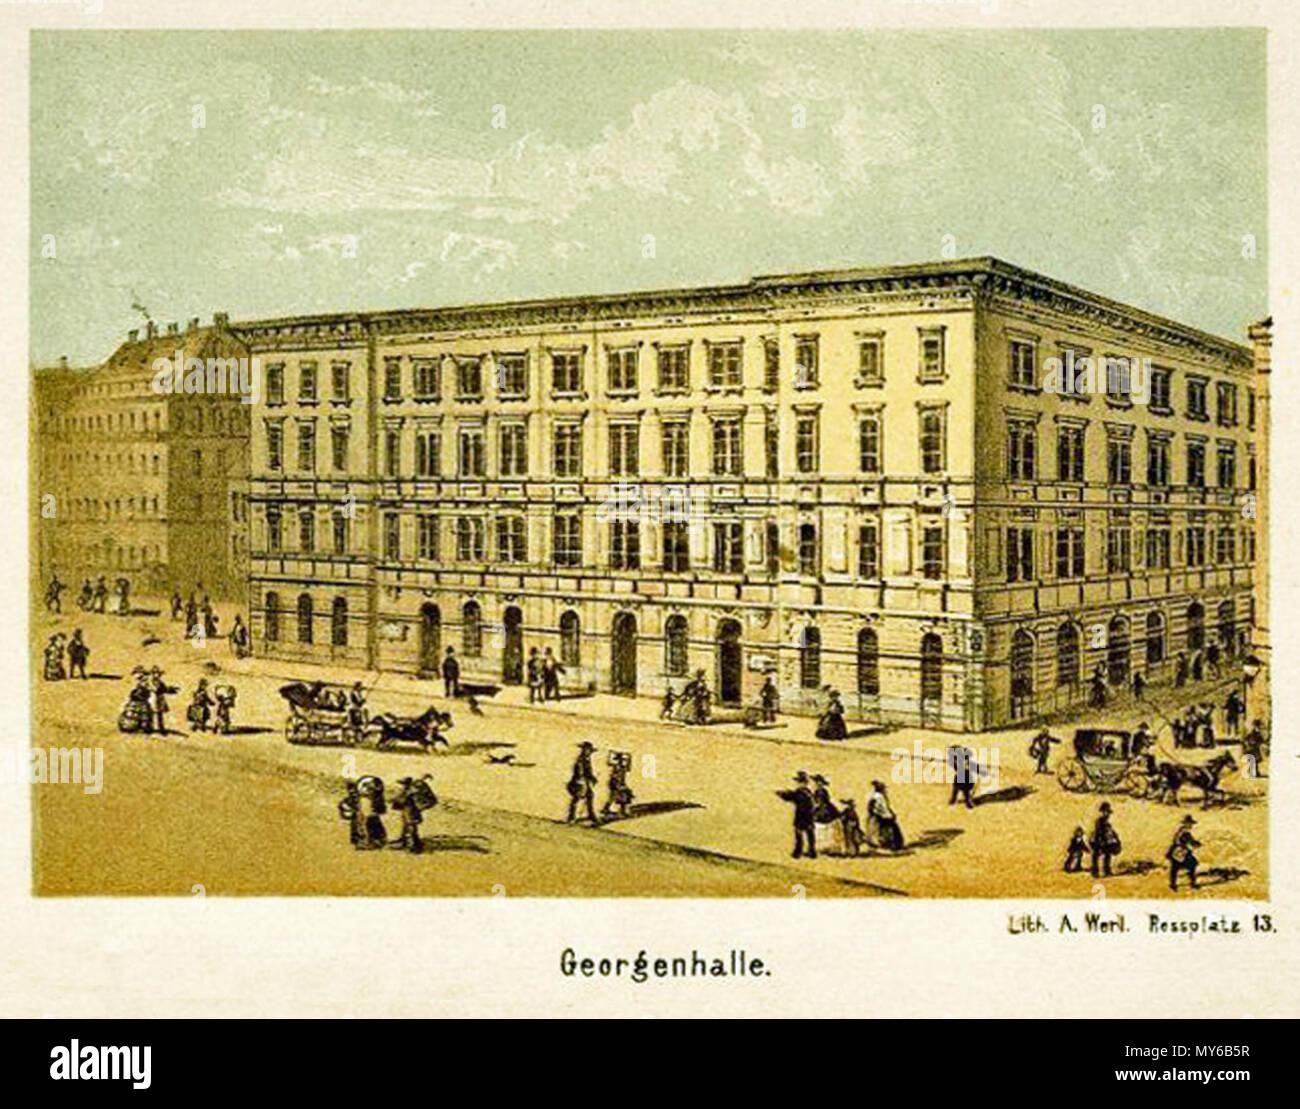 . Deutsch: Die Georgenhalle in Leipzig um 1860 . circa 1860. Adolph Werl (Lith. Inst. in Leipzig , Rossplatz 13) 207 Georgenhalle Leipzig - Stock Image